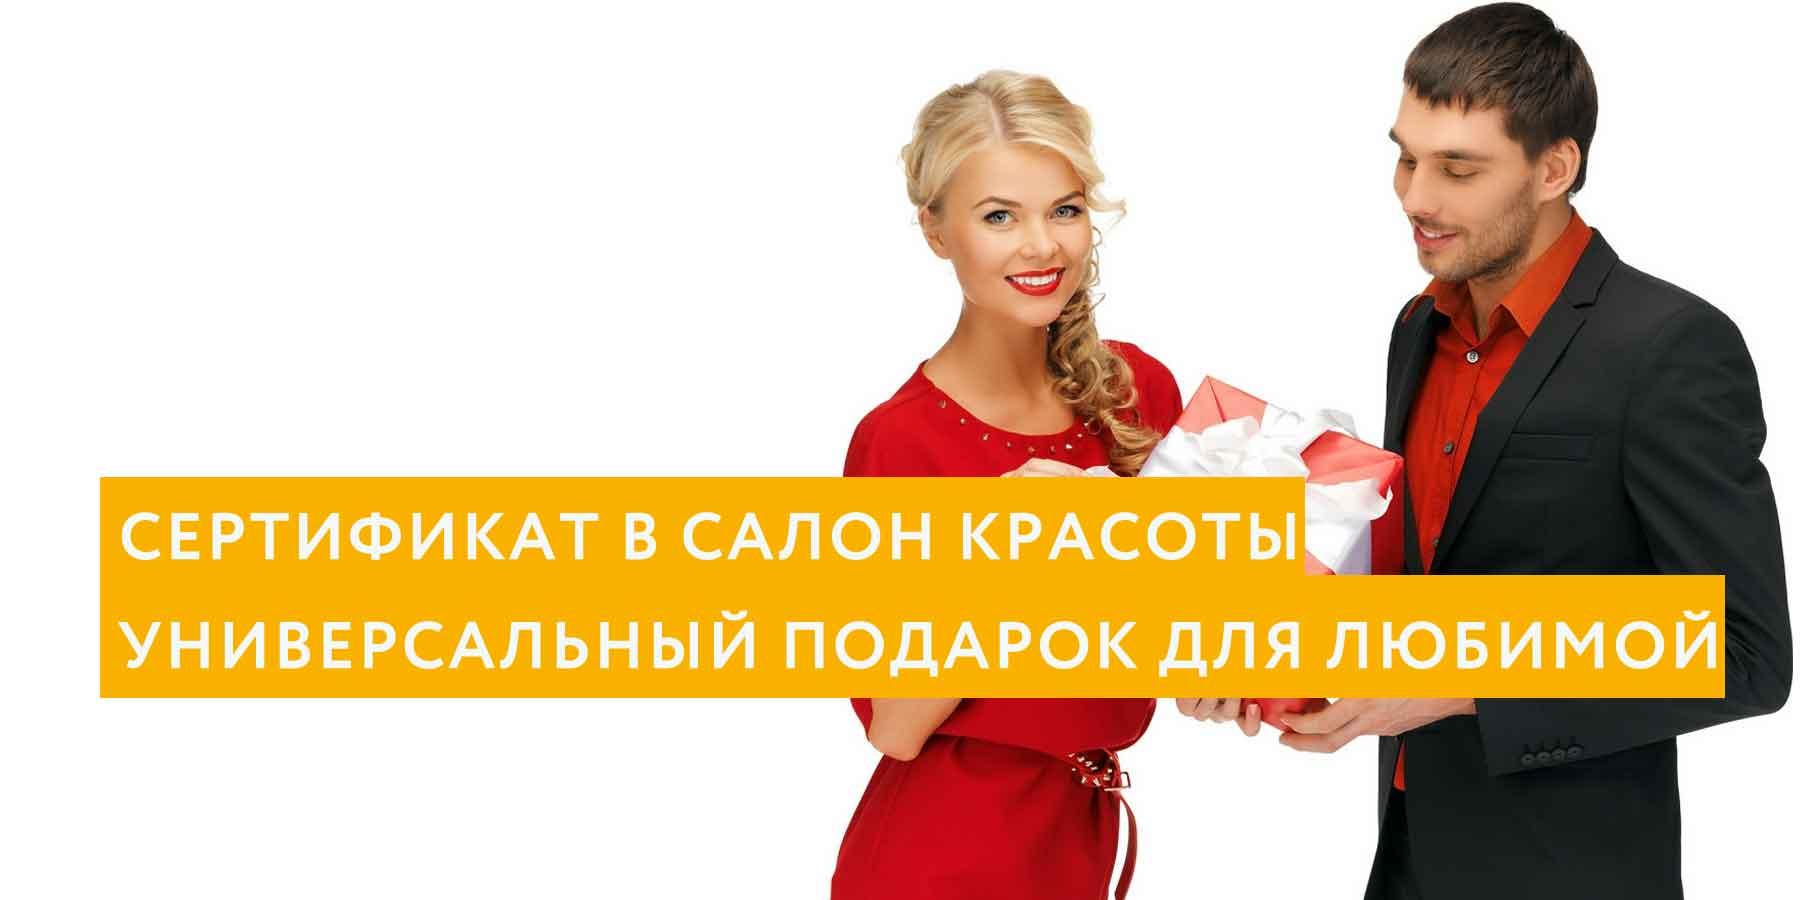 Сертификат в салон красоты – универсальный подарок для любимой